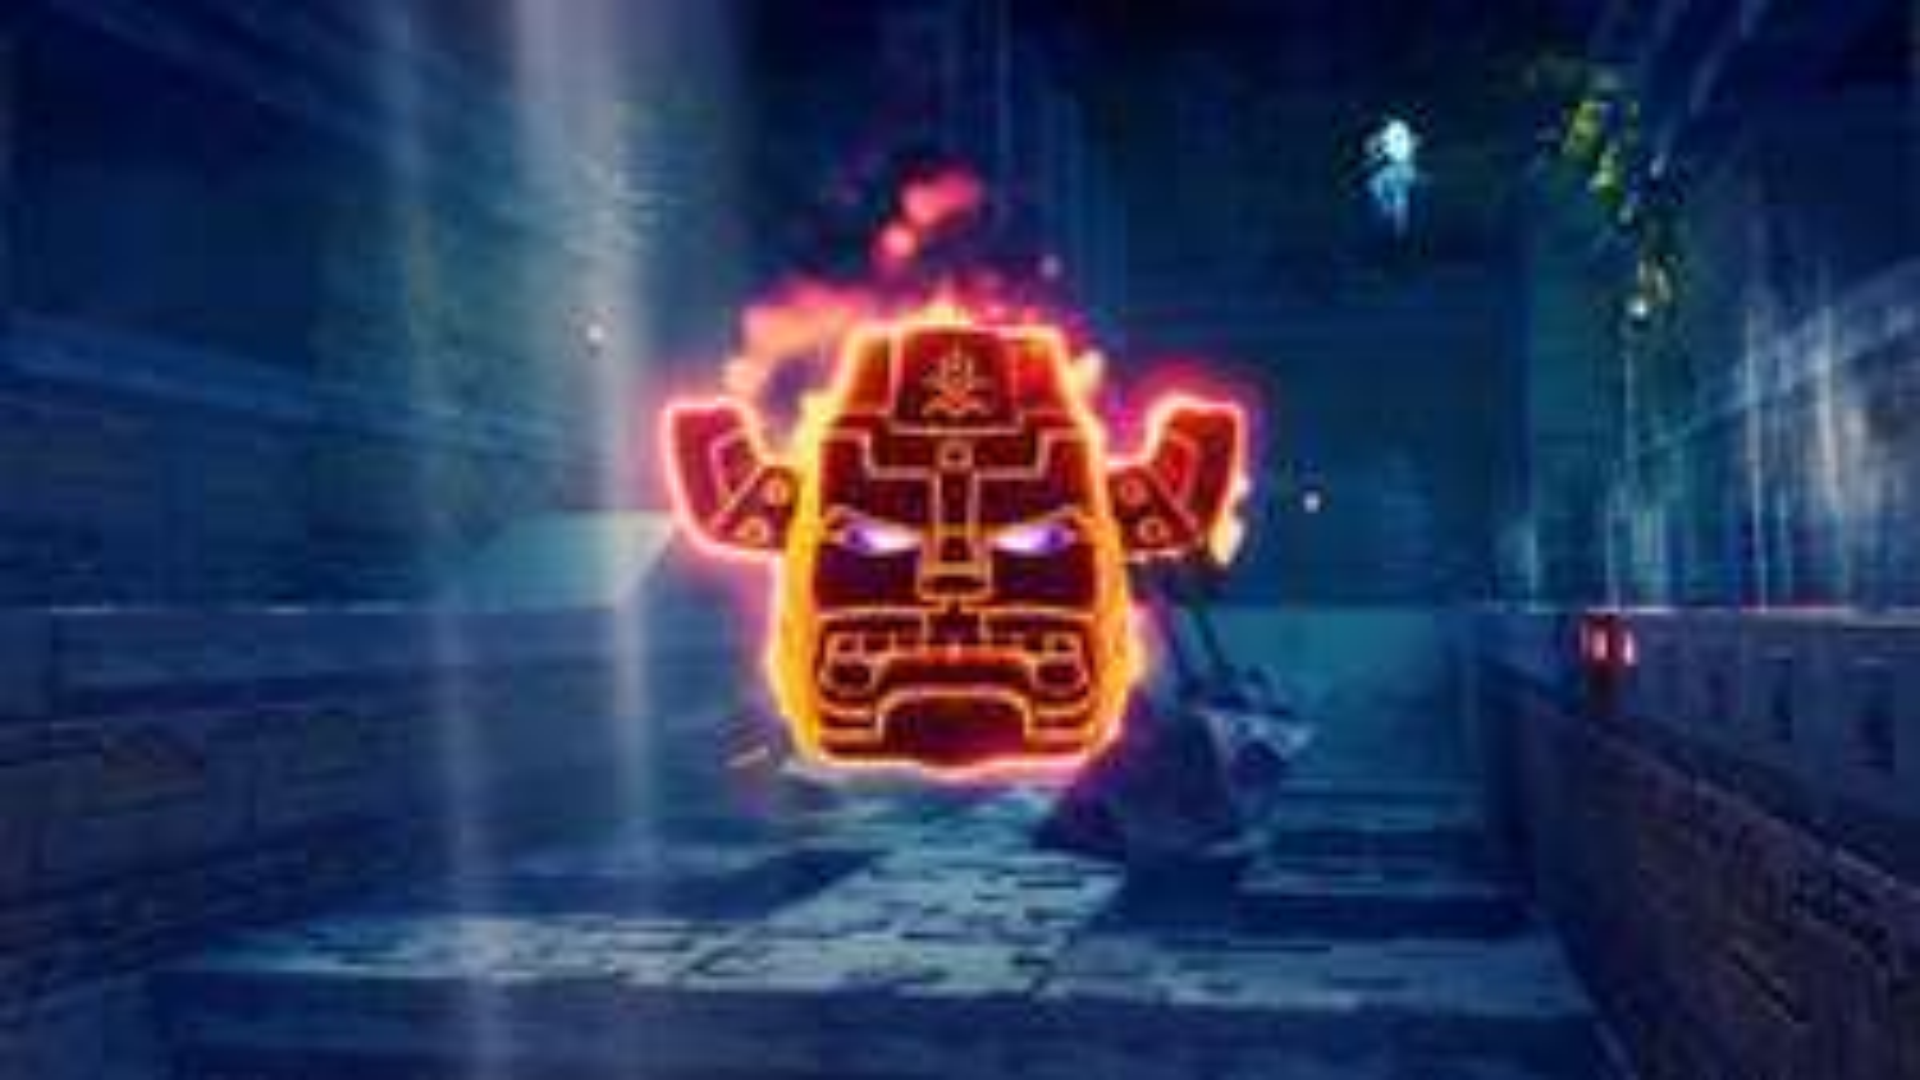 Phantom Abyss (Steam Key) für 6,70 (durch Premium Mitgliedschaft bei RockPaperShotgun)